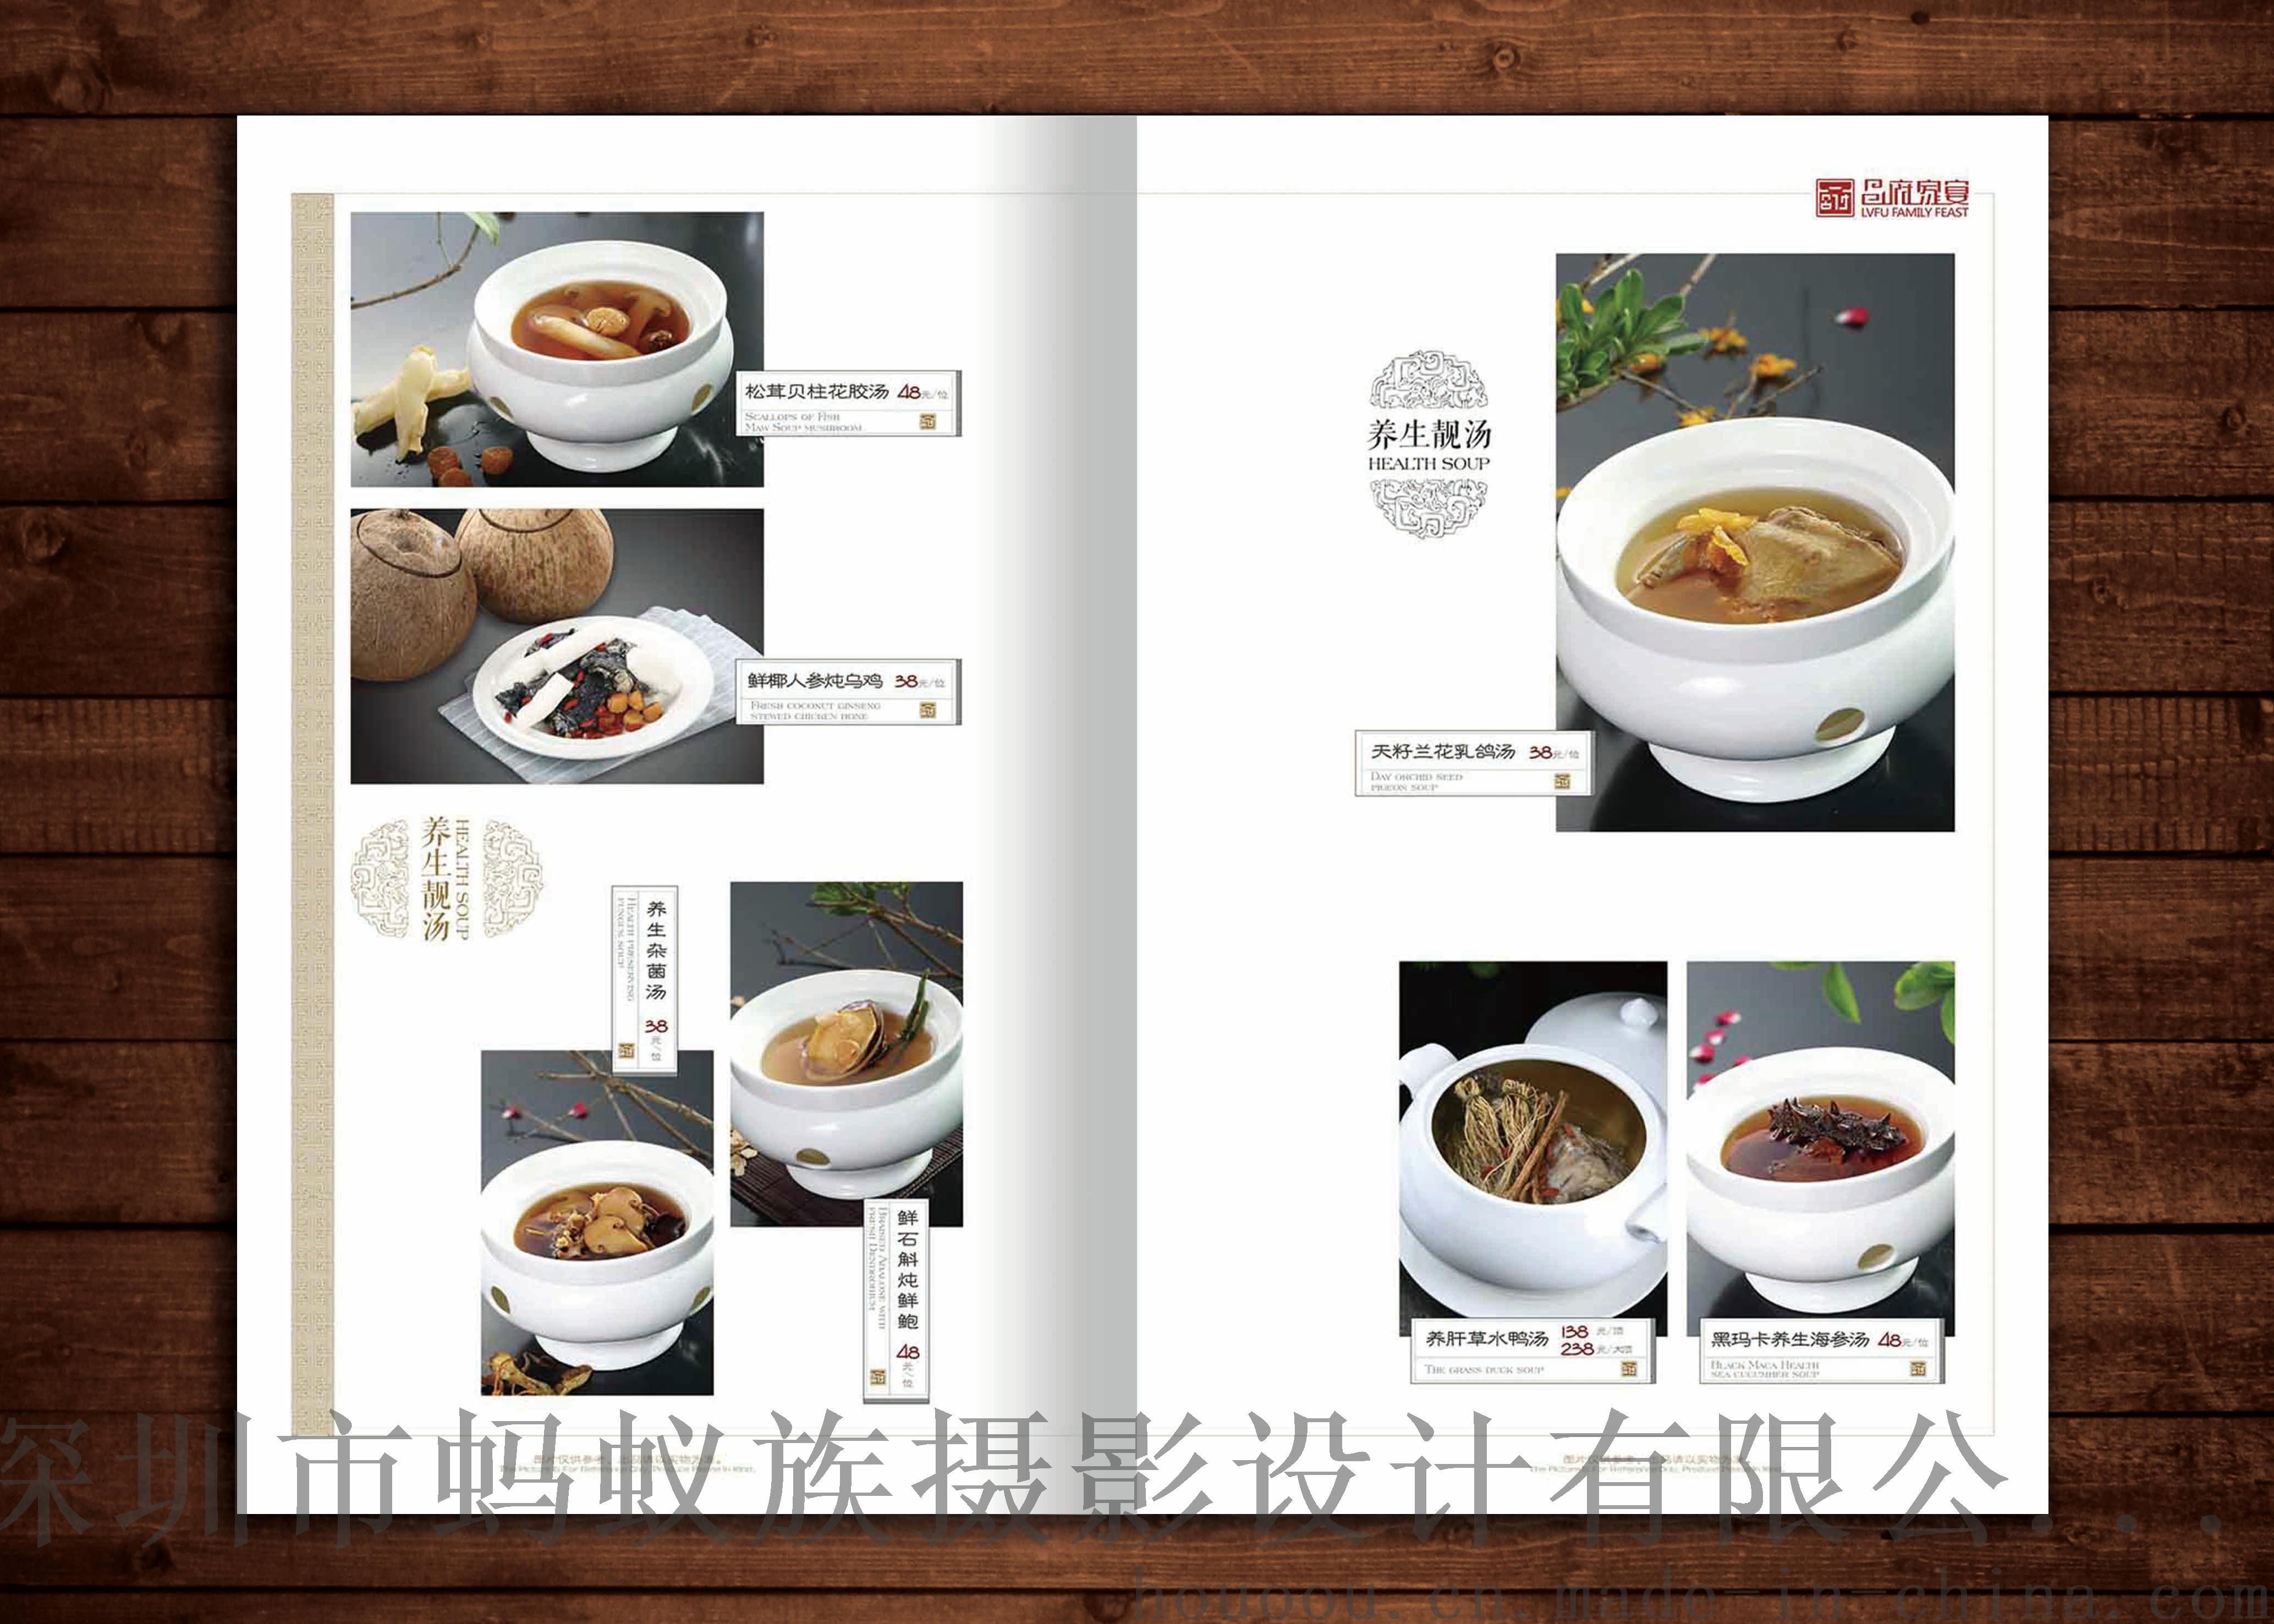 菜品设计外卖摄影美食拍摄菜单拍摄菜谱拍摄春季什么菜谱吃湘菜图片